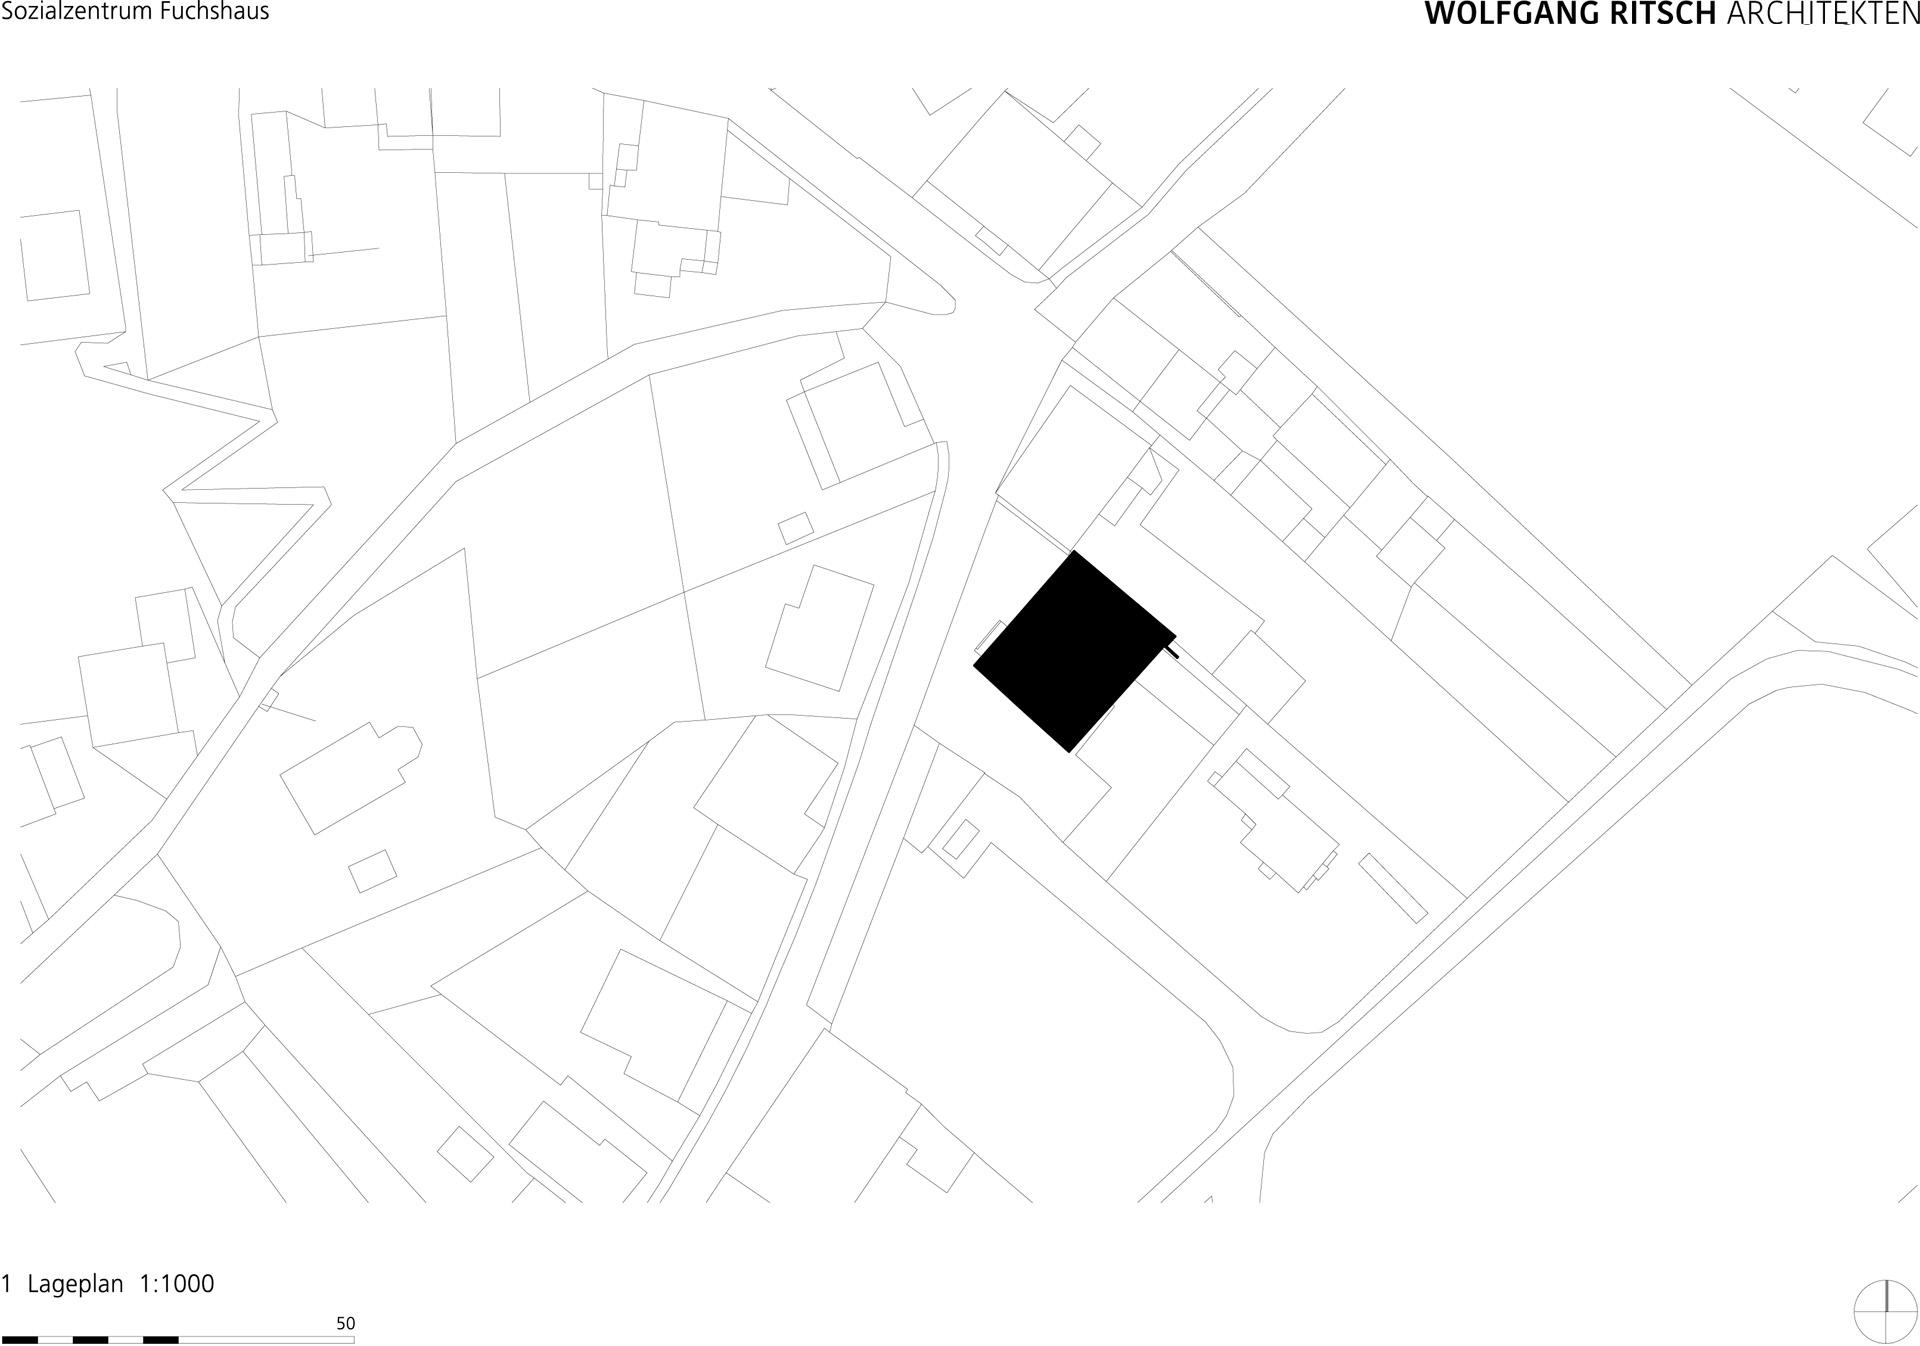 X:PROJEKTE70002750 Fuchshaus2-PUBLIPLAN20-dwg900_Lageplan.